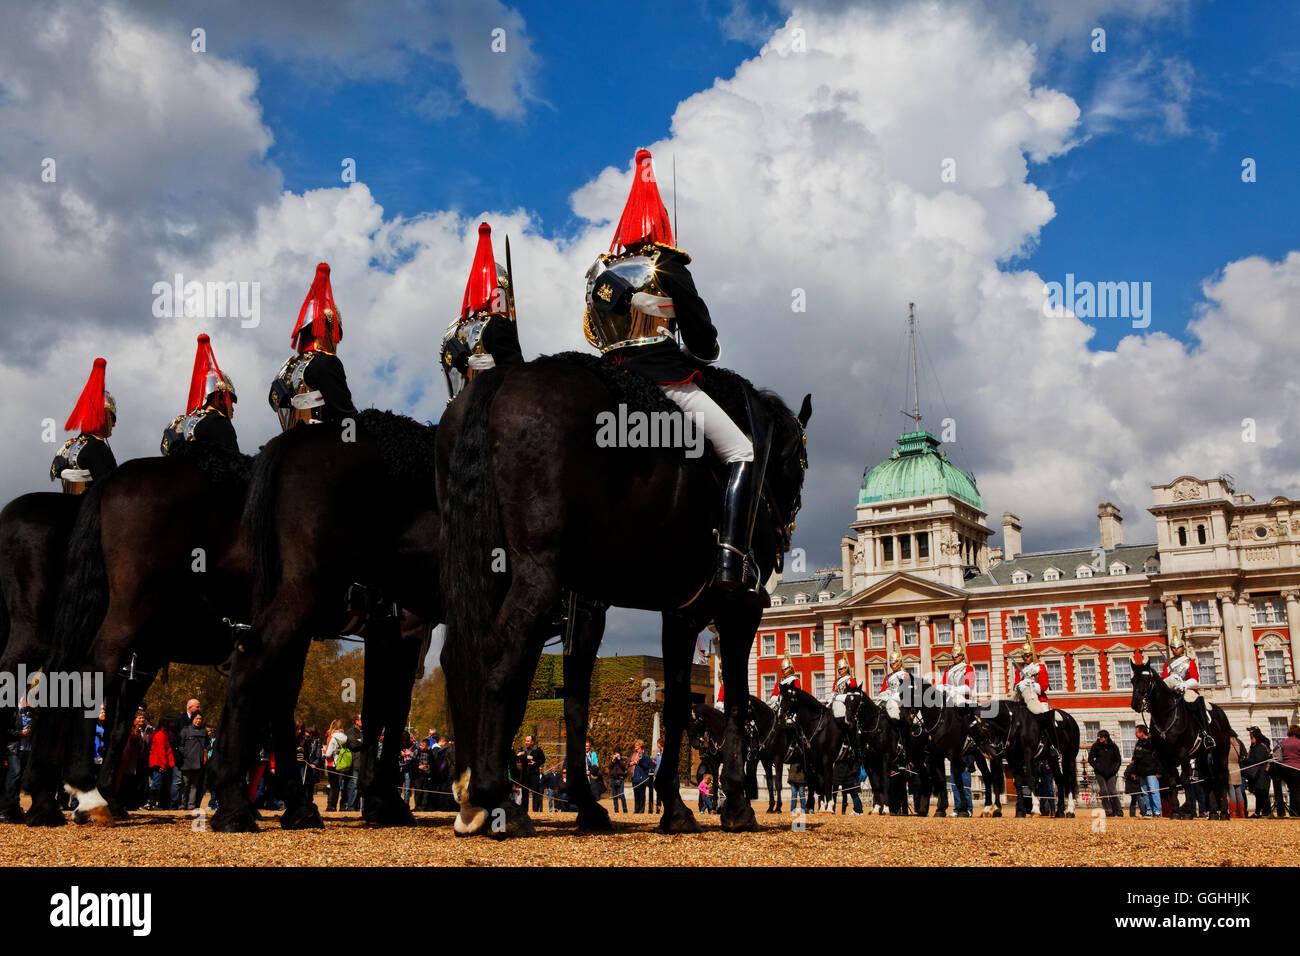 El cambio de guardias a caballo, Desfile de guardias a caballo, London, England, Reino Unido Imagen De Stock